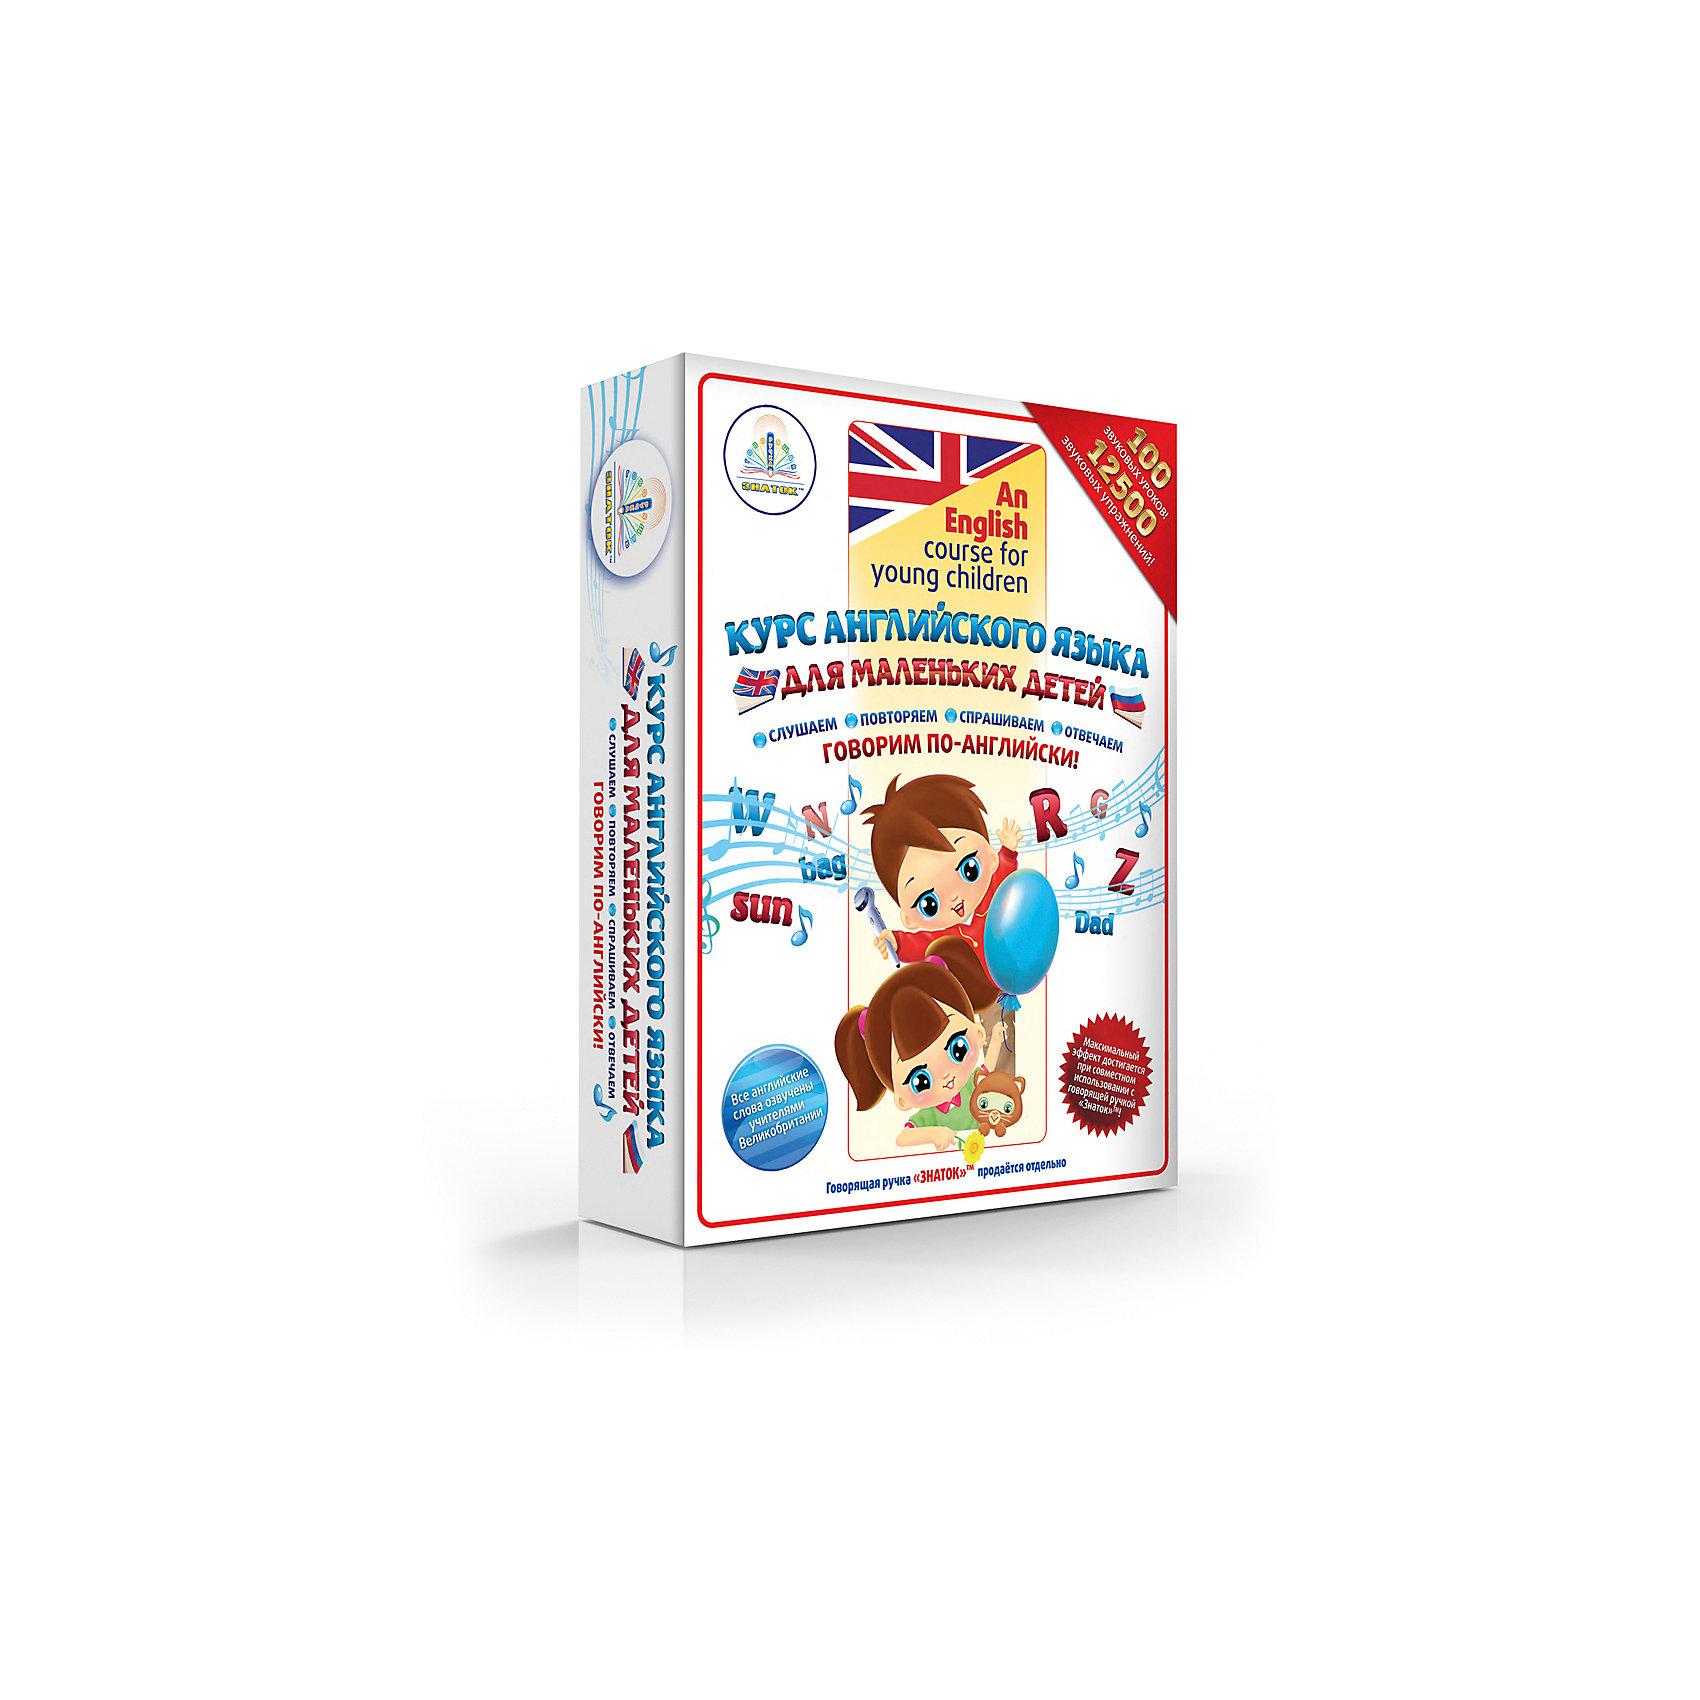 Комплект из 4 книг Курс английского языка для маленьких детей, ЗнатокОбучающие книги<br>Эти 4 части нового современного учебника по английскому языку предназначены для дошкольников. С помощью этого набора дети могут быстро научиться общаться на английском языке с настоящим английским произношением на самые распространённые темы. Закрепить полученные навыки помогут 100 уроков английского языка, представленные в многочисленных звуковых текстах, тренирующих память упражнениях, диалогах персонажей, самых разных заданий с вопросами и ответами и, конечно, практические занятия в рабочих тетрадях сыграют свою роль в обучении детей английскому. Включенный в этот набор говорящий словарь англо-русского языка будет прекрасным дополнением к вашим занятиям с детьми. Набор включает в себя 12500 звуковых упражнений.<br><br>Ширина мм: 265<br>Глубина мм: 195<br>Высота мм: 550<br>Вес г: 2250<br>Возраст от месяцев: 36<br>Возраст до месяцев: 2147483647<br>Пол: Унисекс<br>Возраст: Детский<br>SKU: 5596030